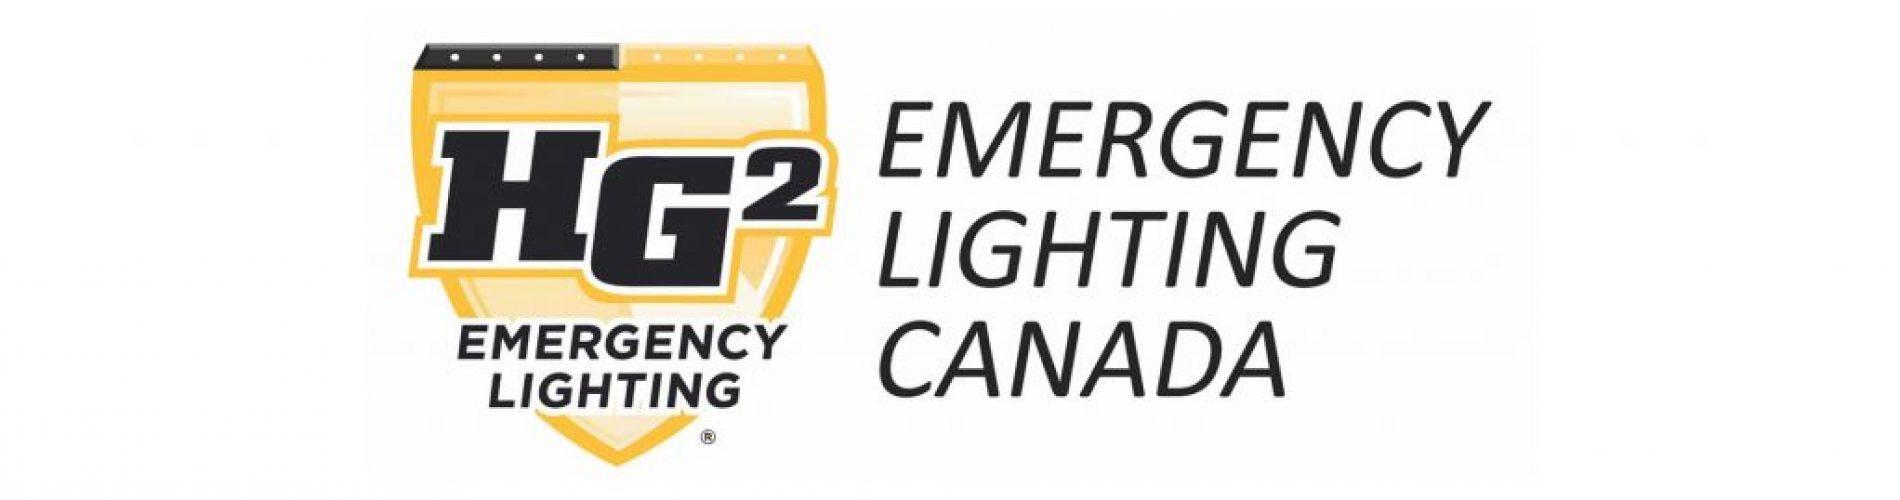 EmergencyLightingCanada-banner